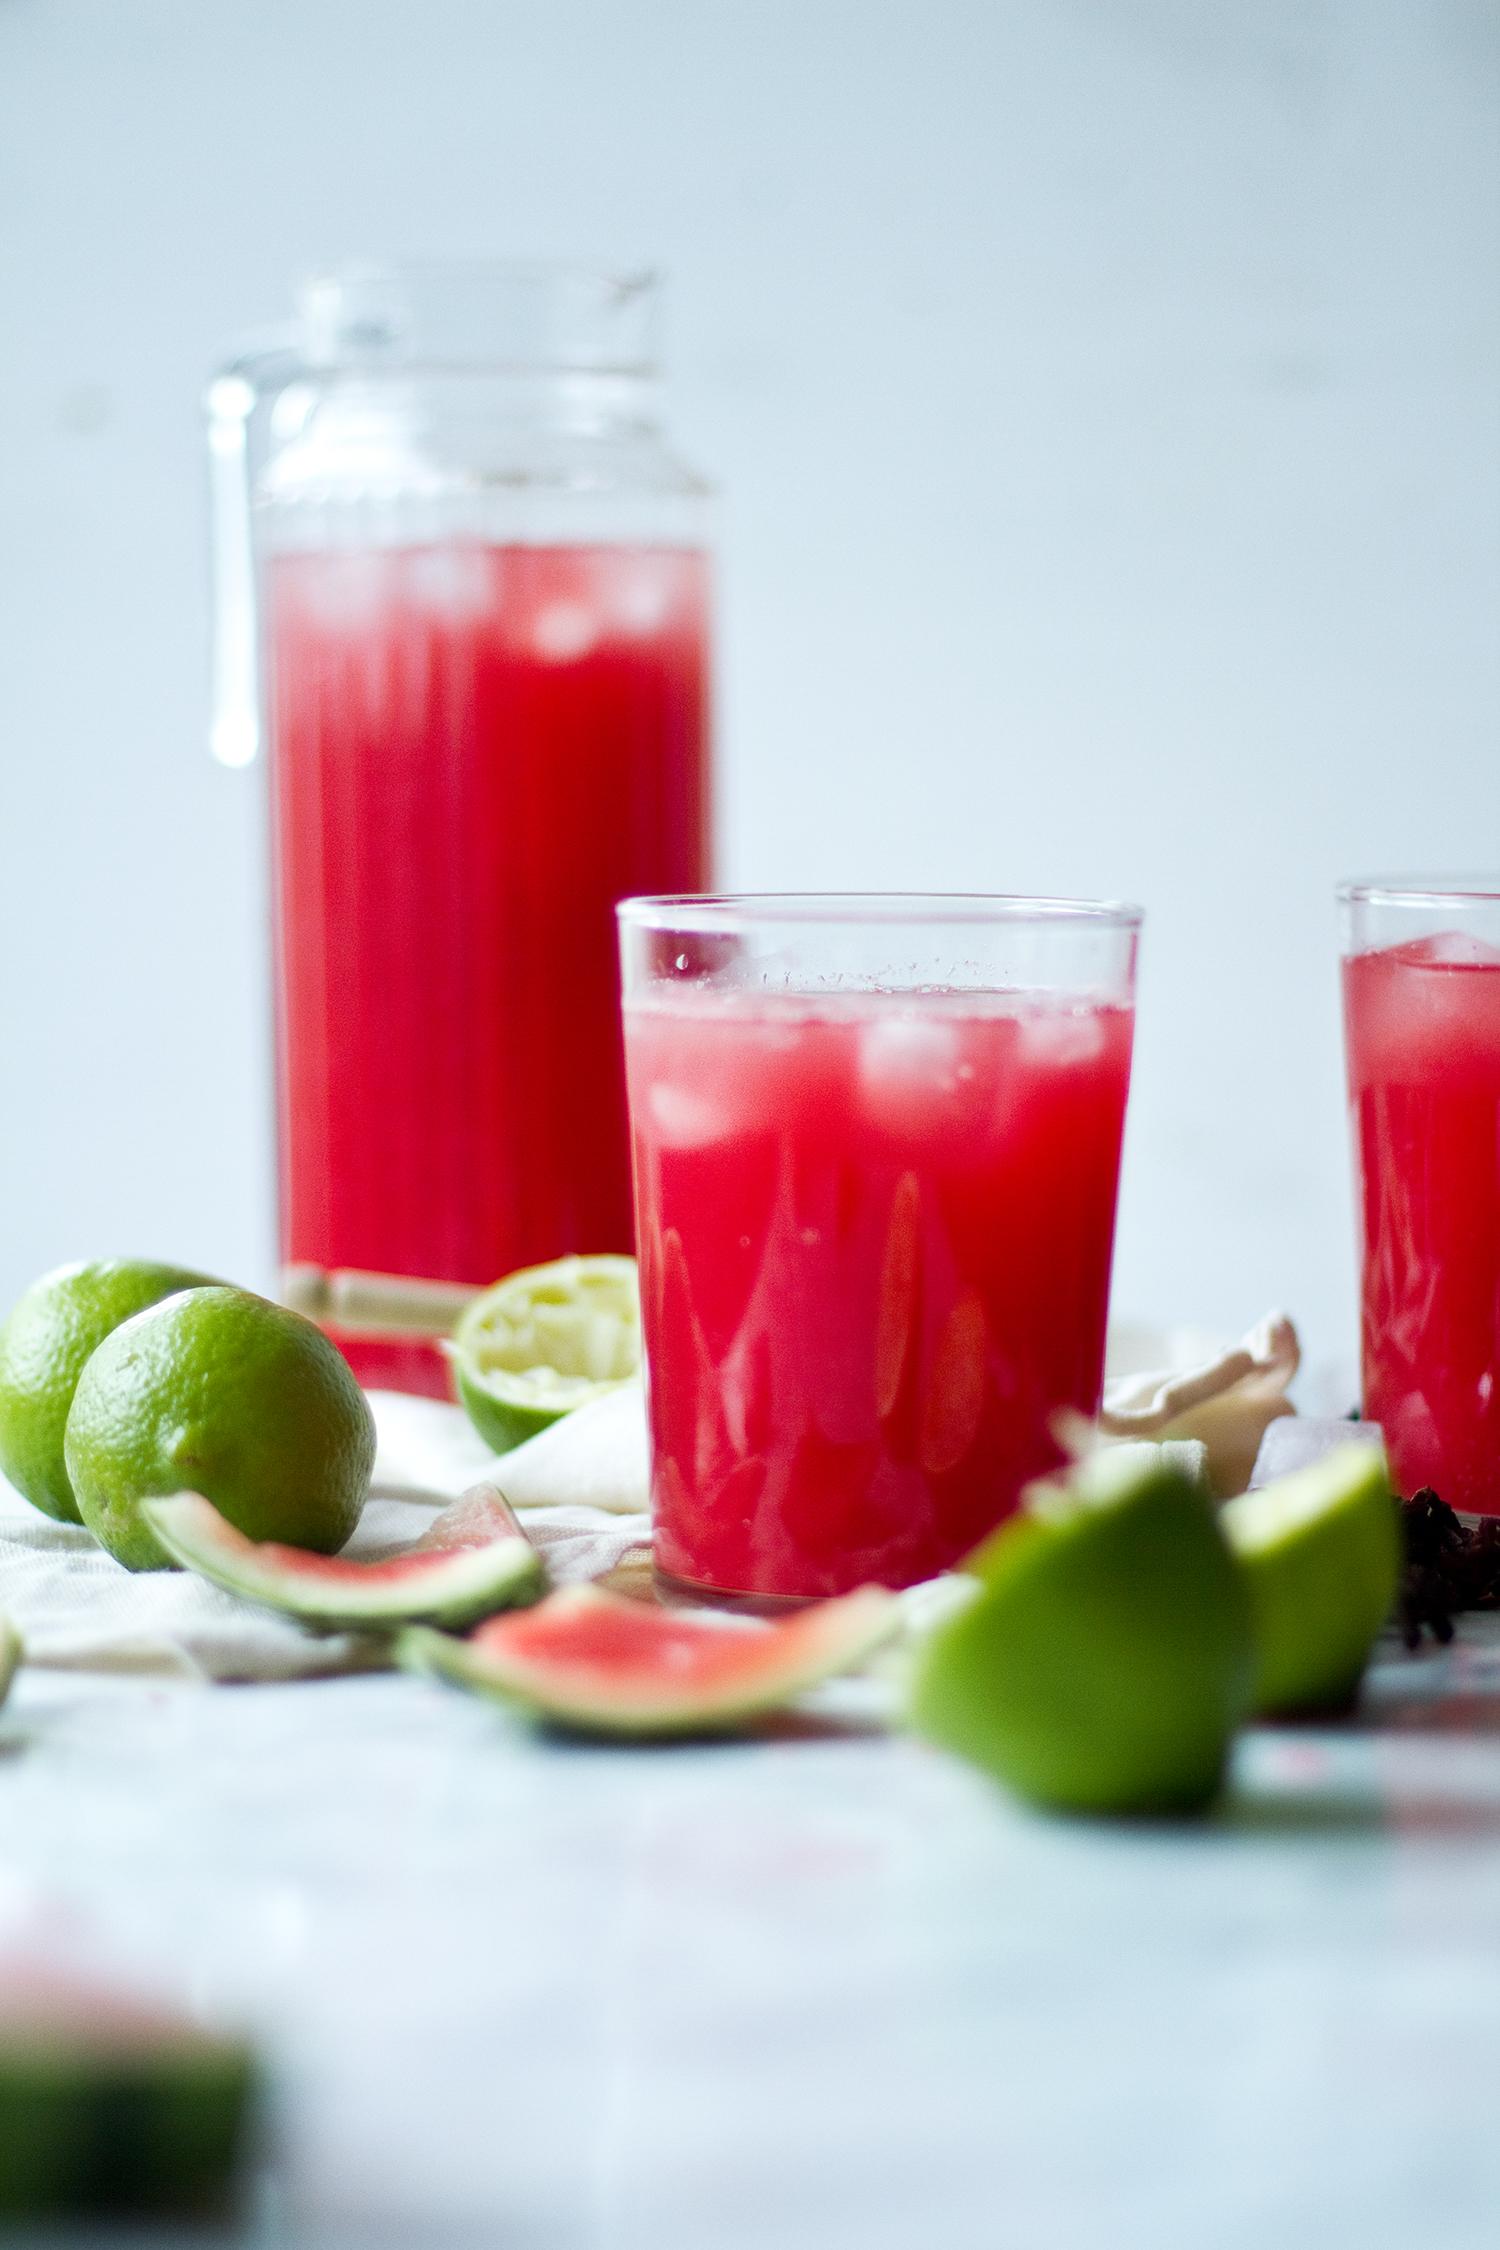 03_NOMNOM_Melonen-Drink.jpg